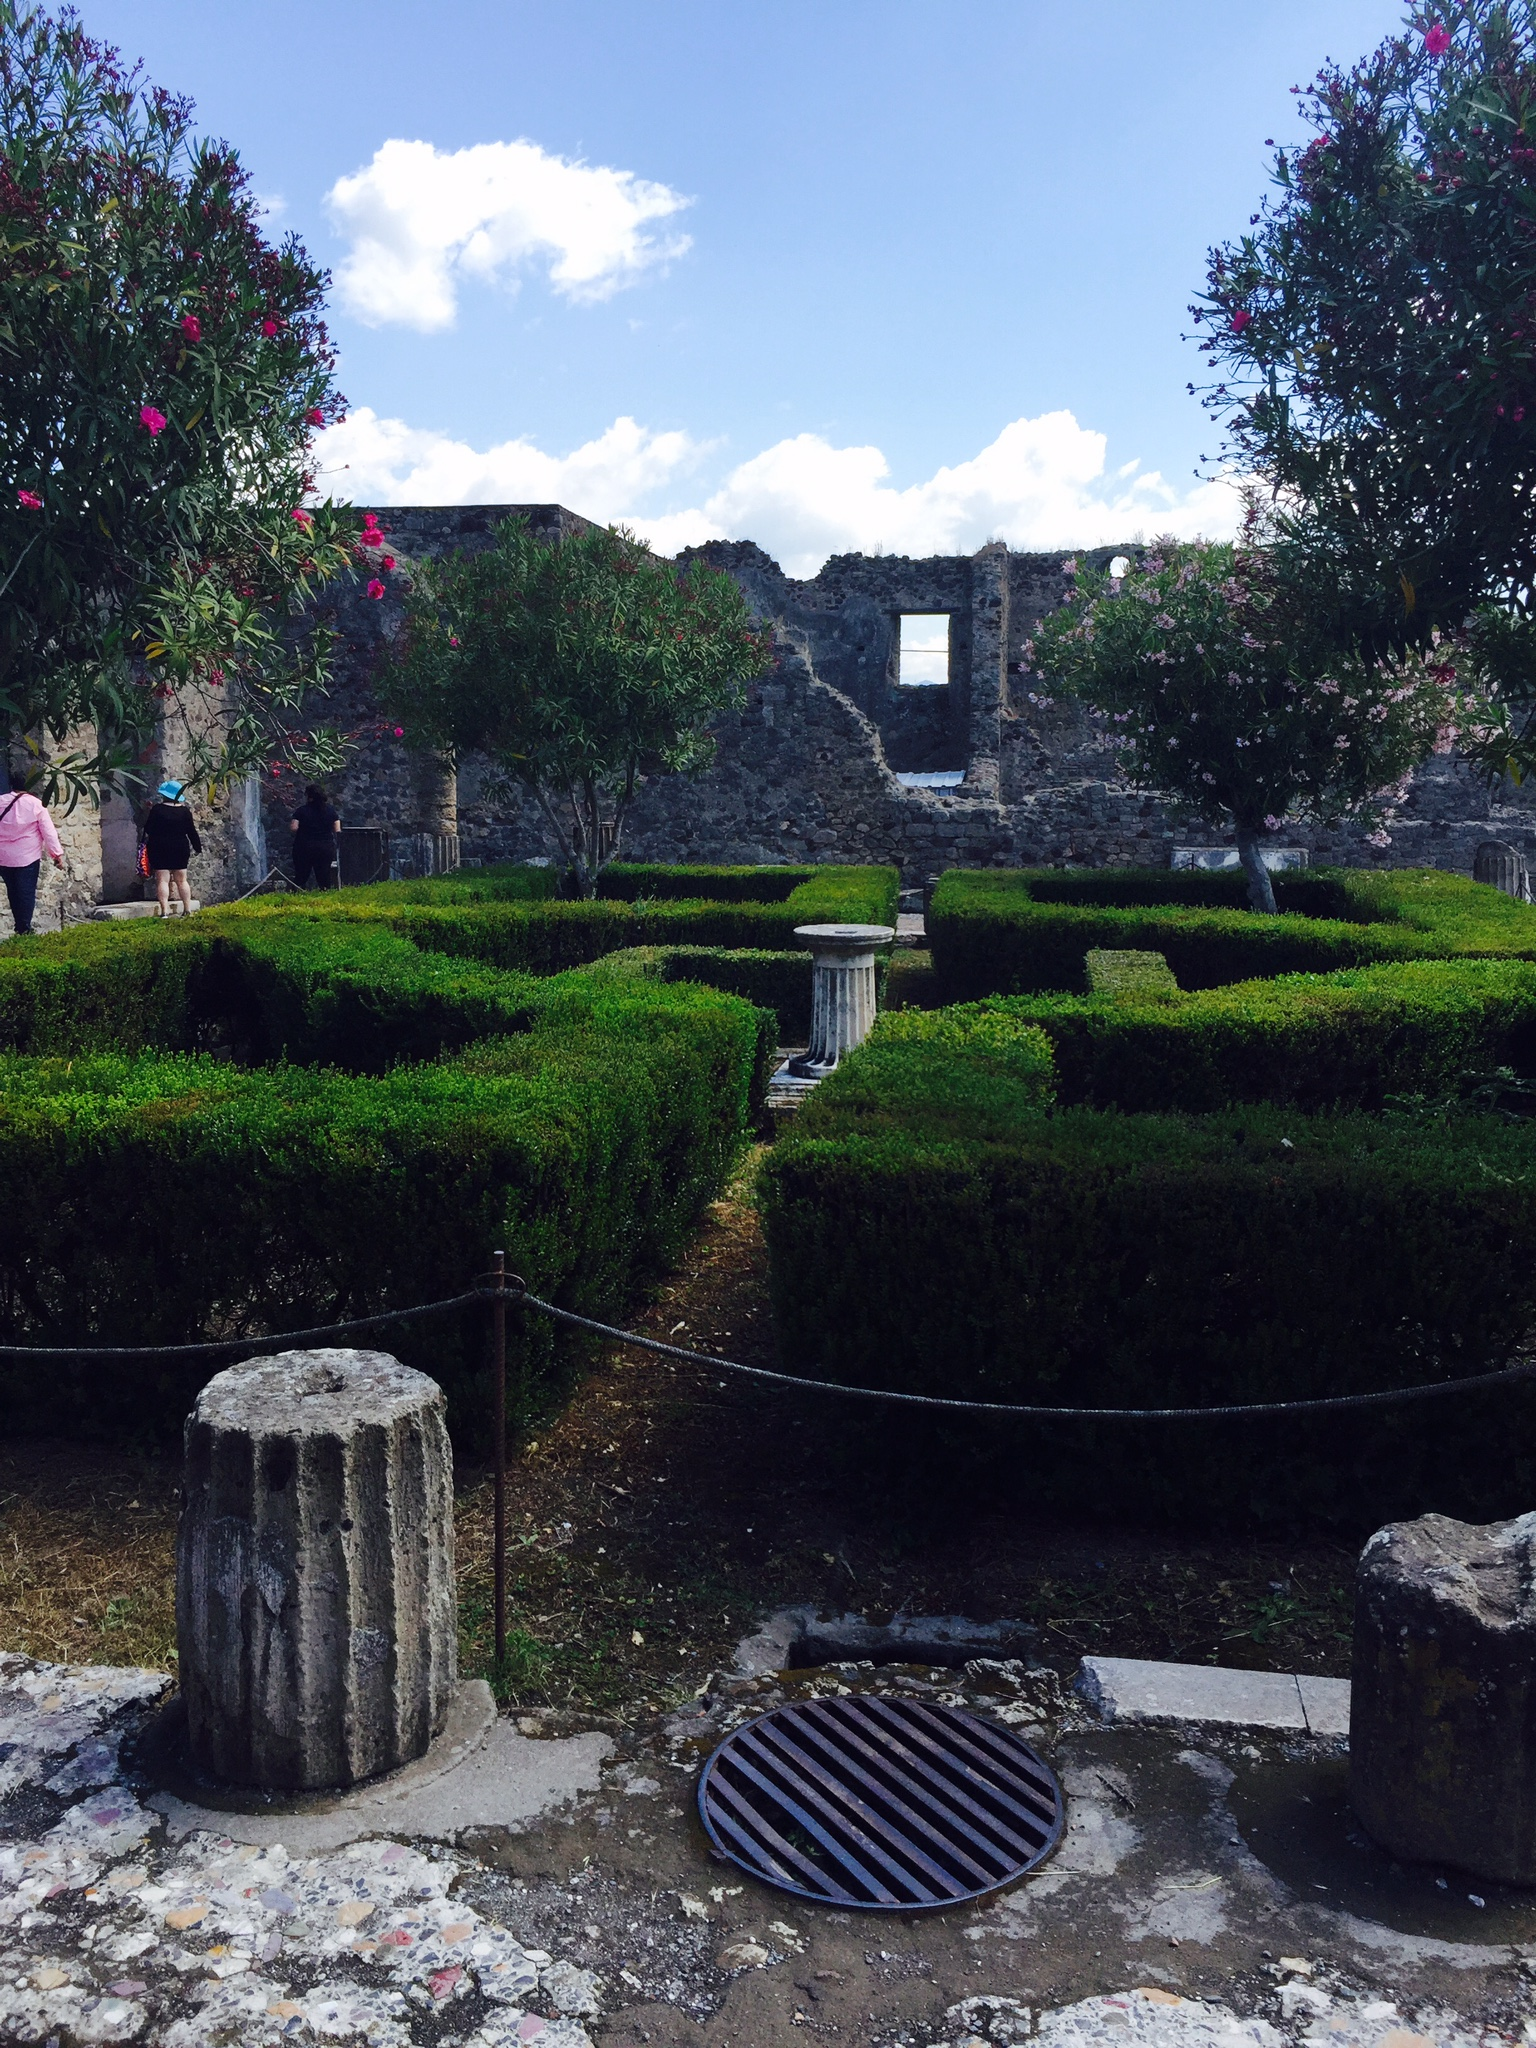 Garden at Pompeii - Sorrento to Pompeii